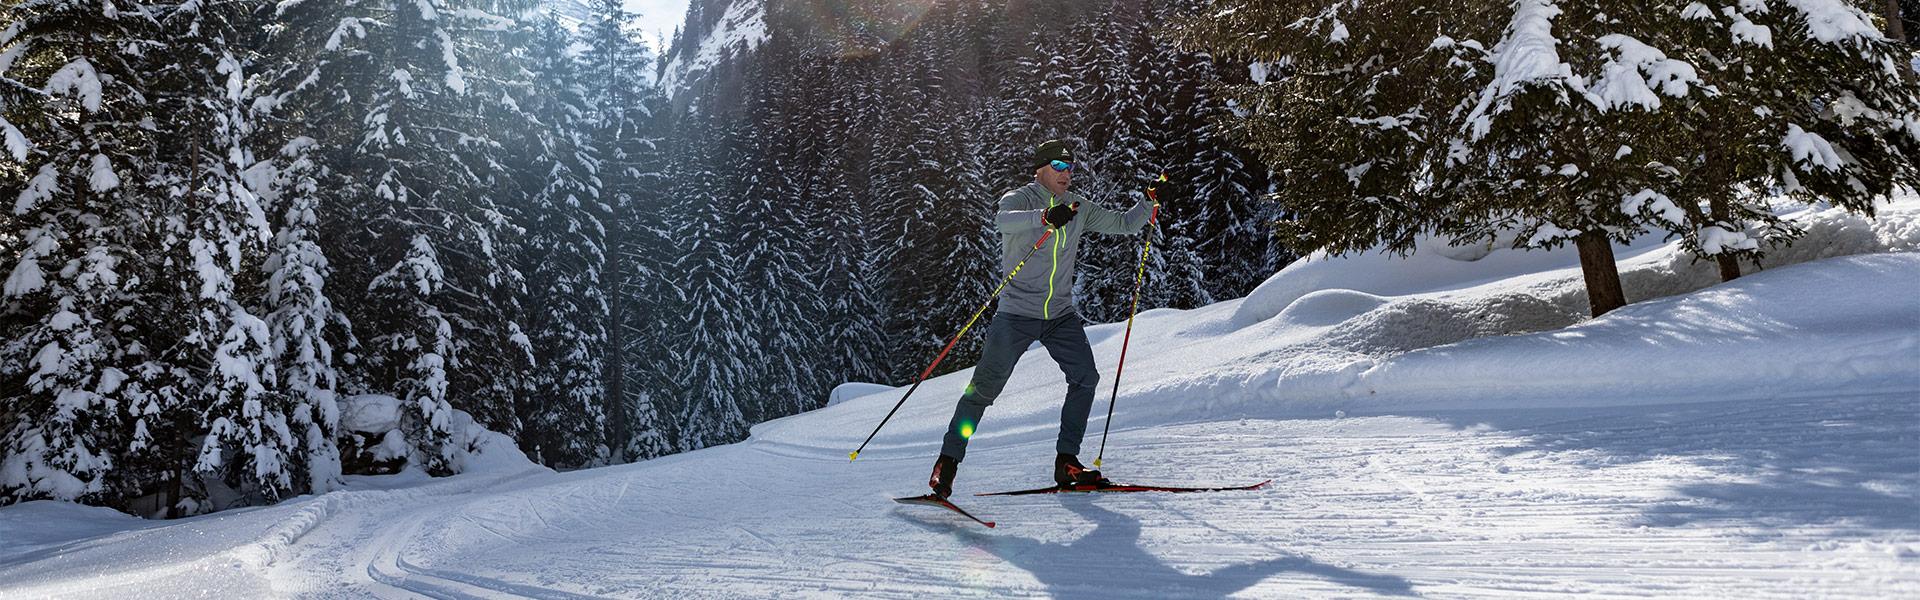 Cross Country Nordic Skiing Tourismus Adelboden Lenk Kandersteg